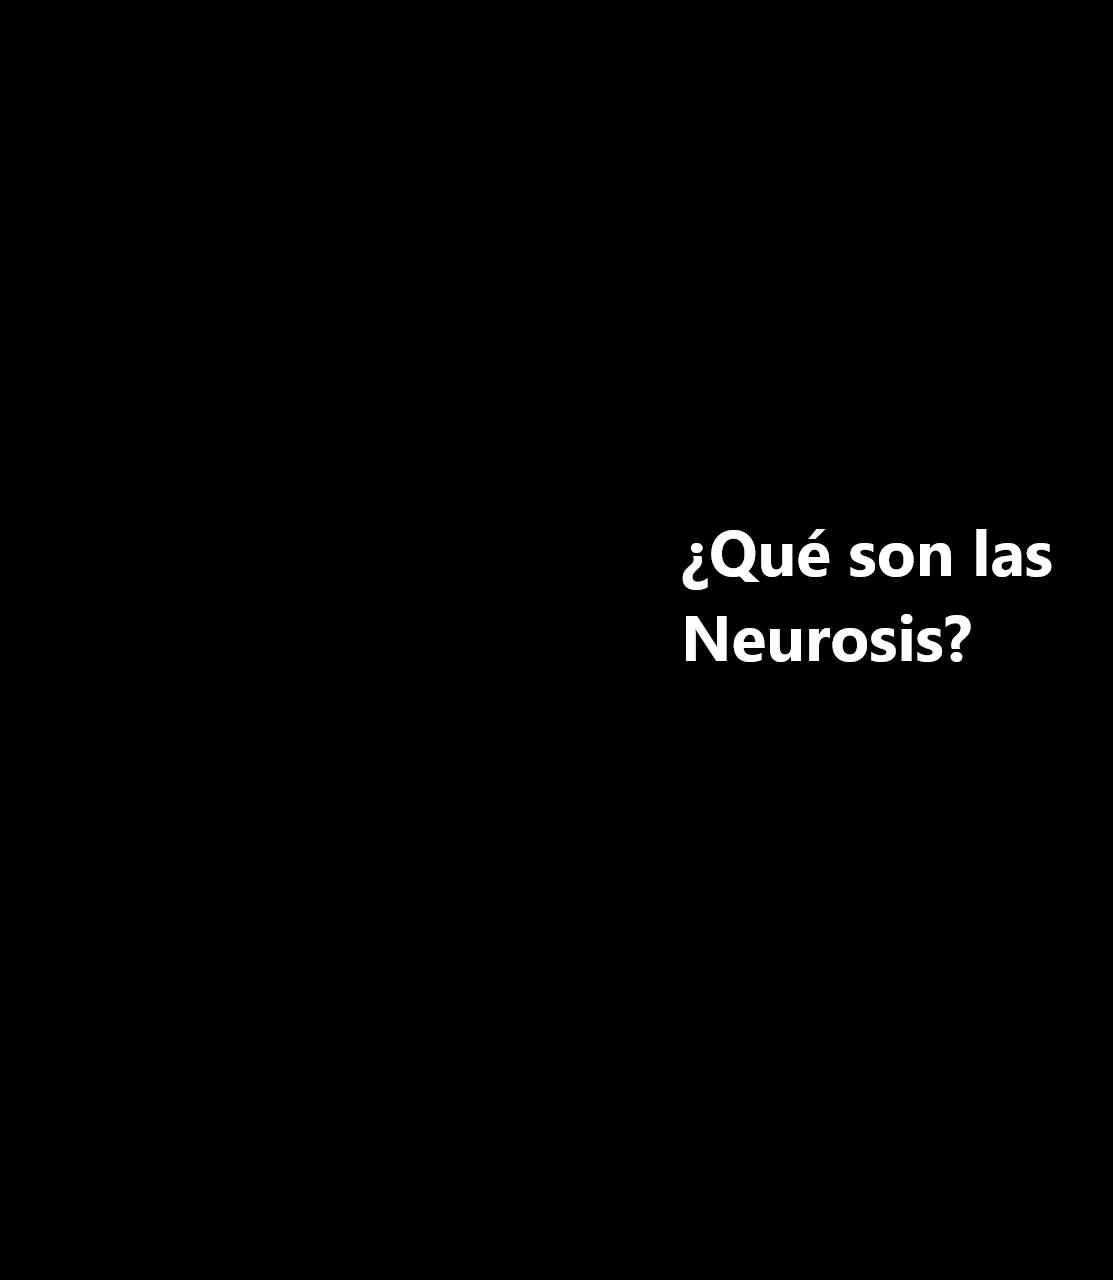 ¿Qué son las neurosis?